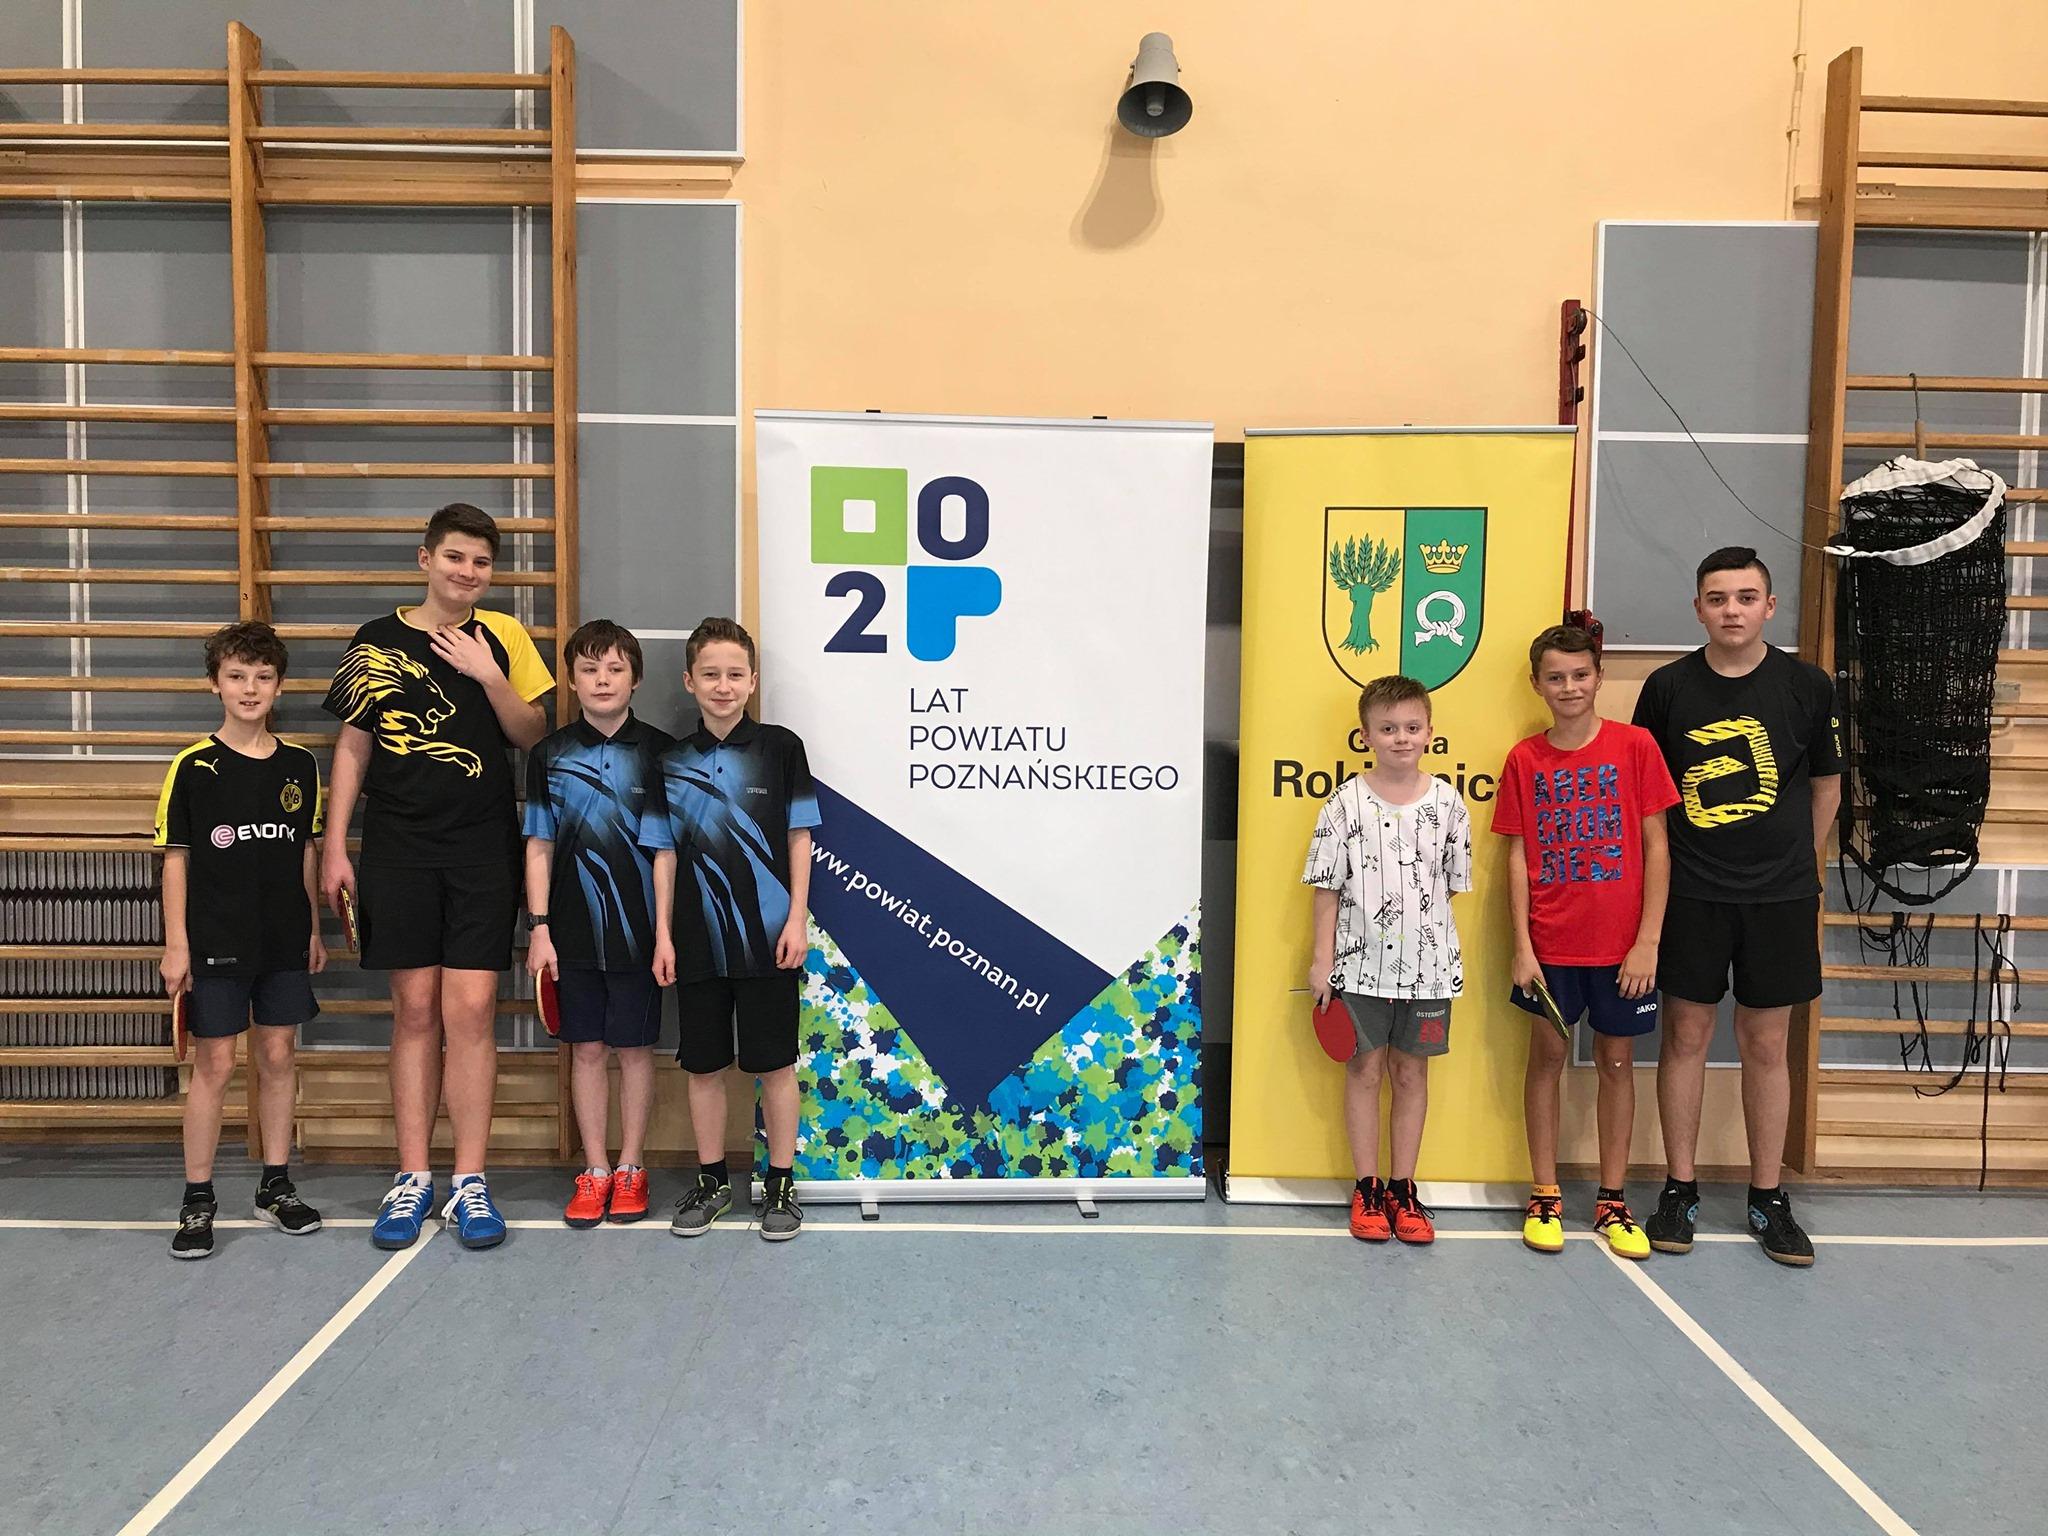 IX Mistrzostwa Gminy Amatorów w tenisie stołowym pod honorowym patronatem wójta gminy Rokietnica. Zawodnicy startujący w kategorii mężczyzn do lat 18 prezentujący nagrody.